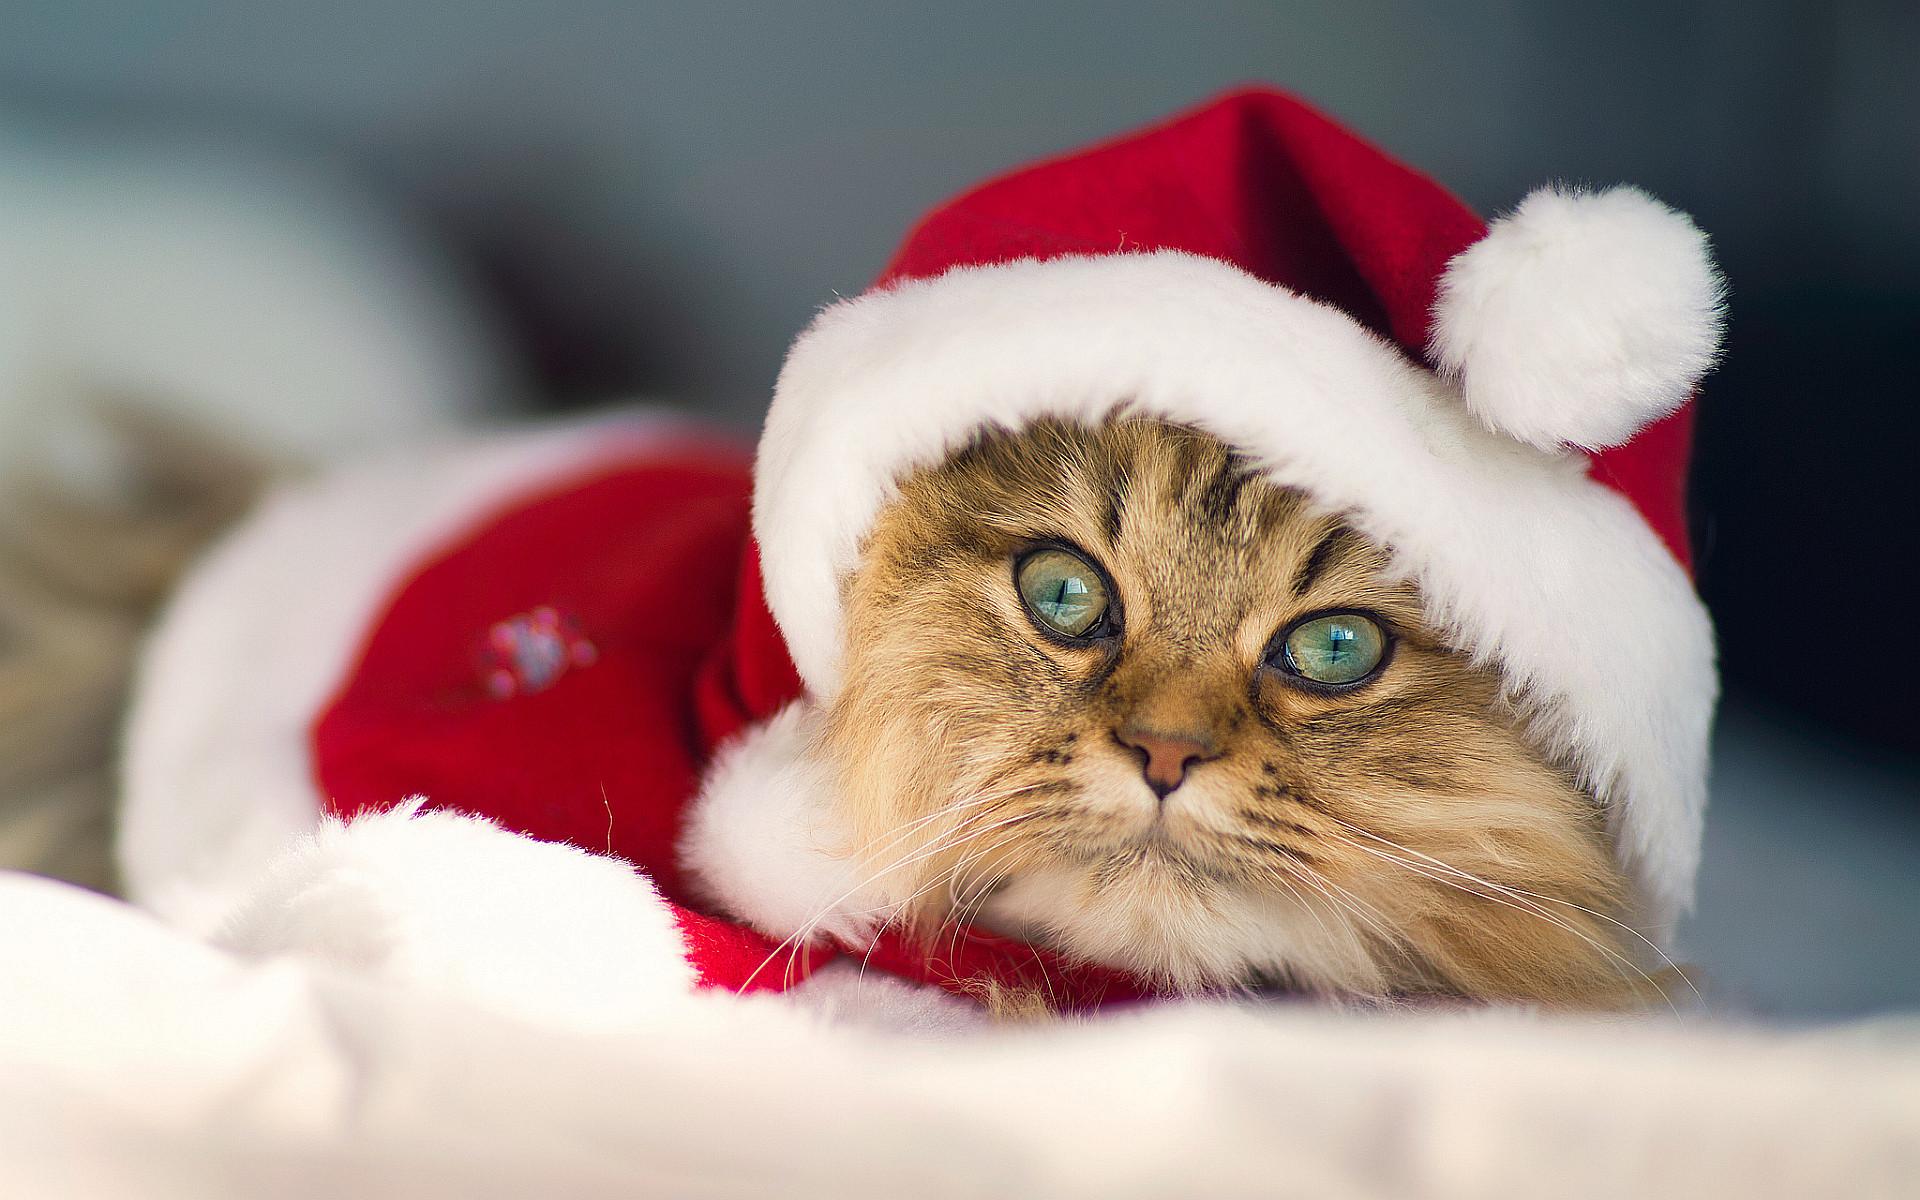 Christmas Kittens Wallpaper Desktop